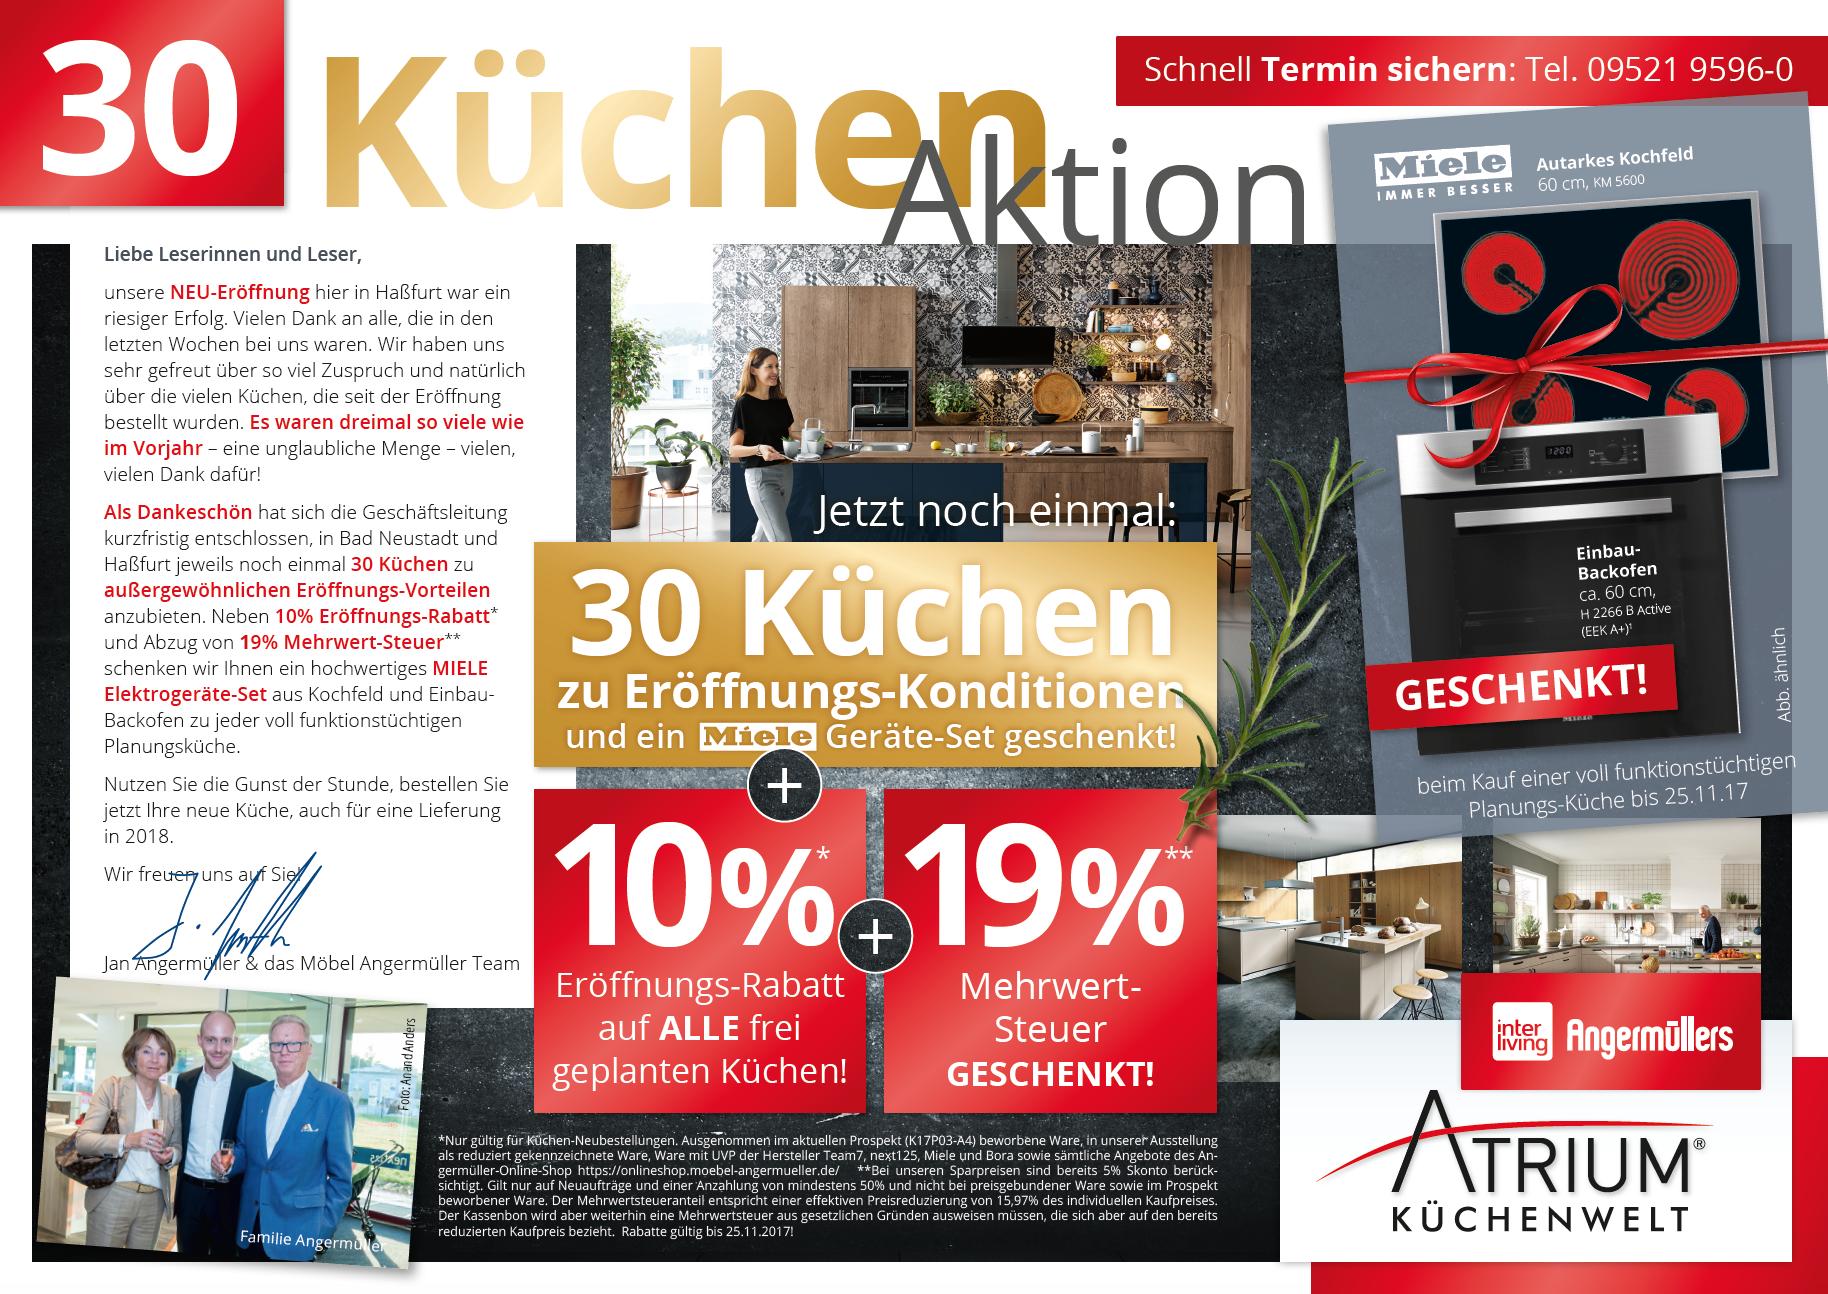 Anzeige Angermuller Has Angermuller S Atrium Kuchenwelt